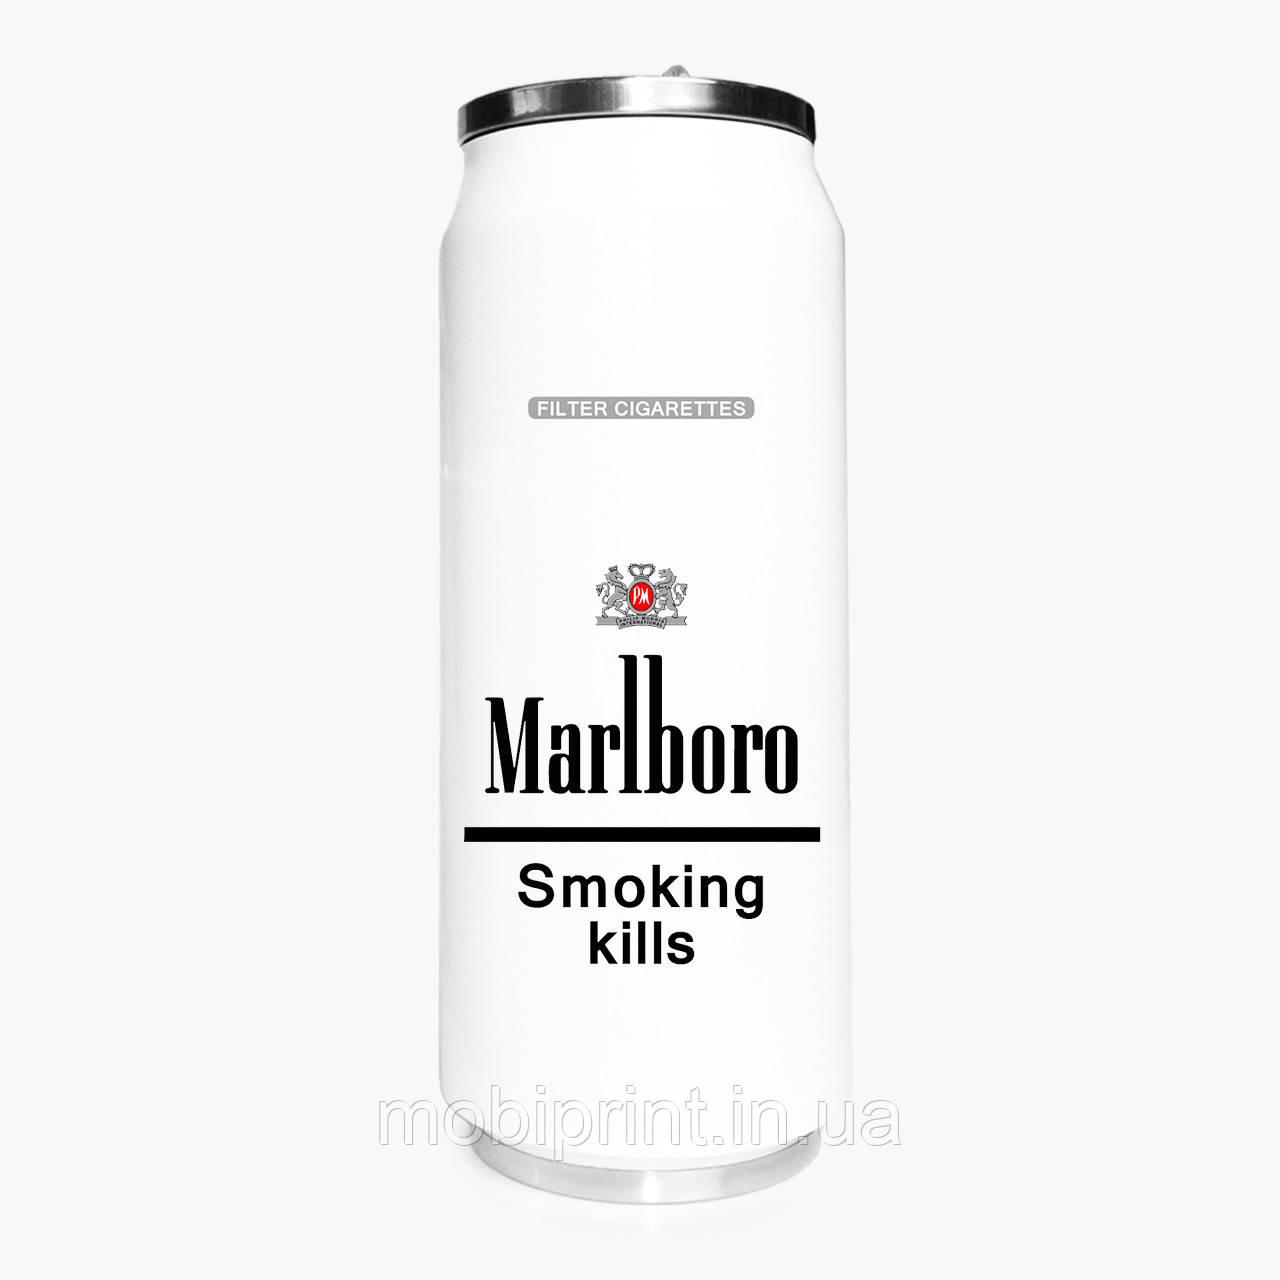 Термобанка сигарети Мальборо (Marlboro) 500 мл (31091-1639-1) термокружка з нержавіючої сталі